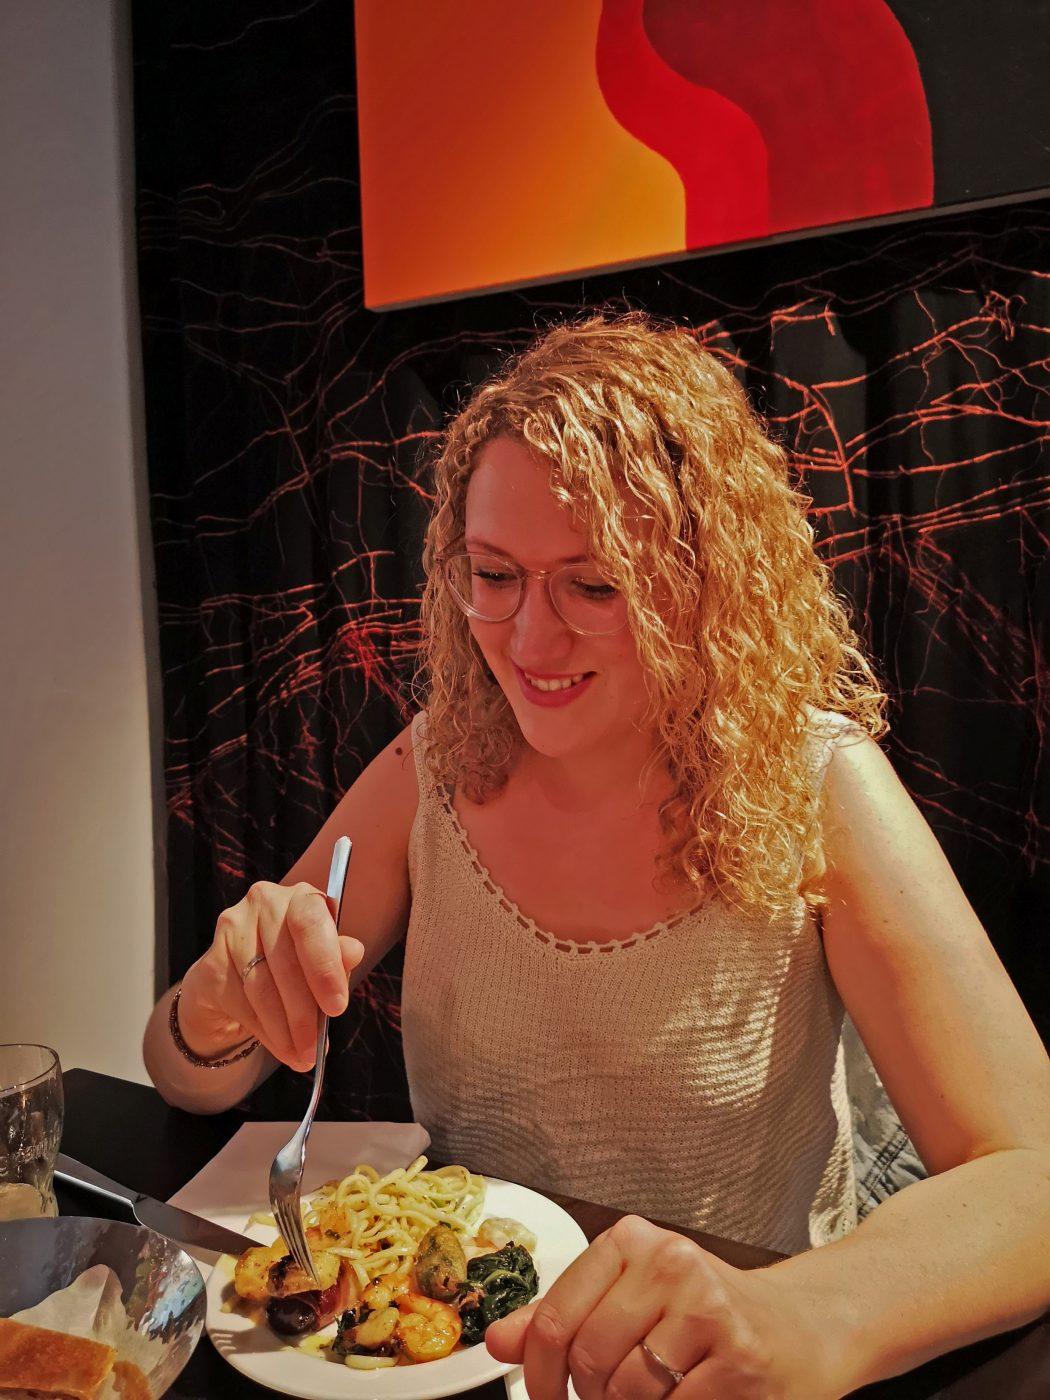 Das Bild zeigt eine weibliche Person beim Essen